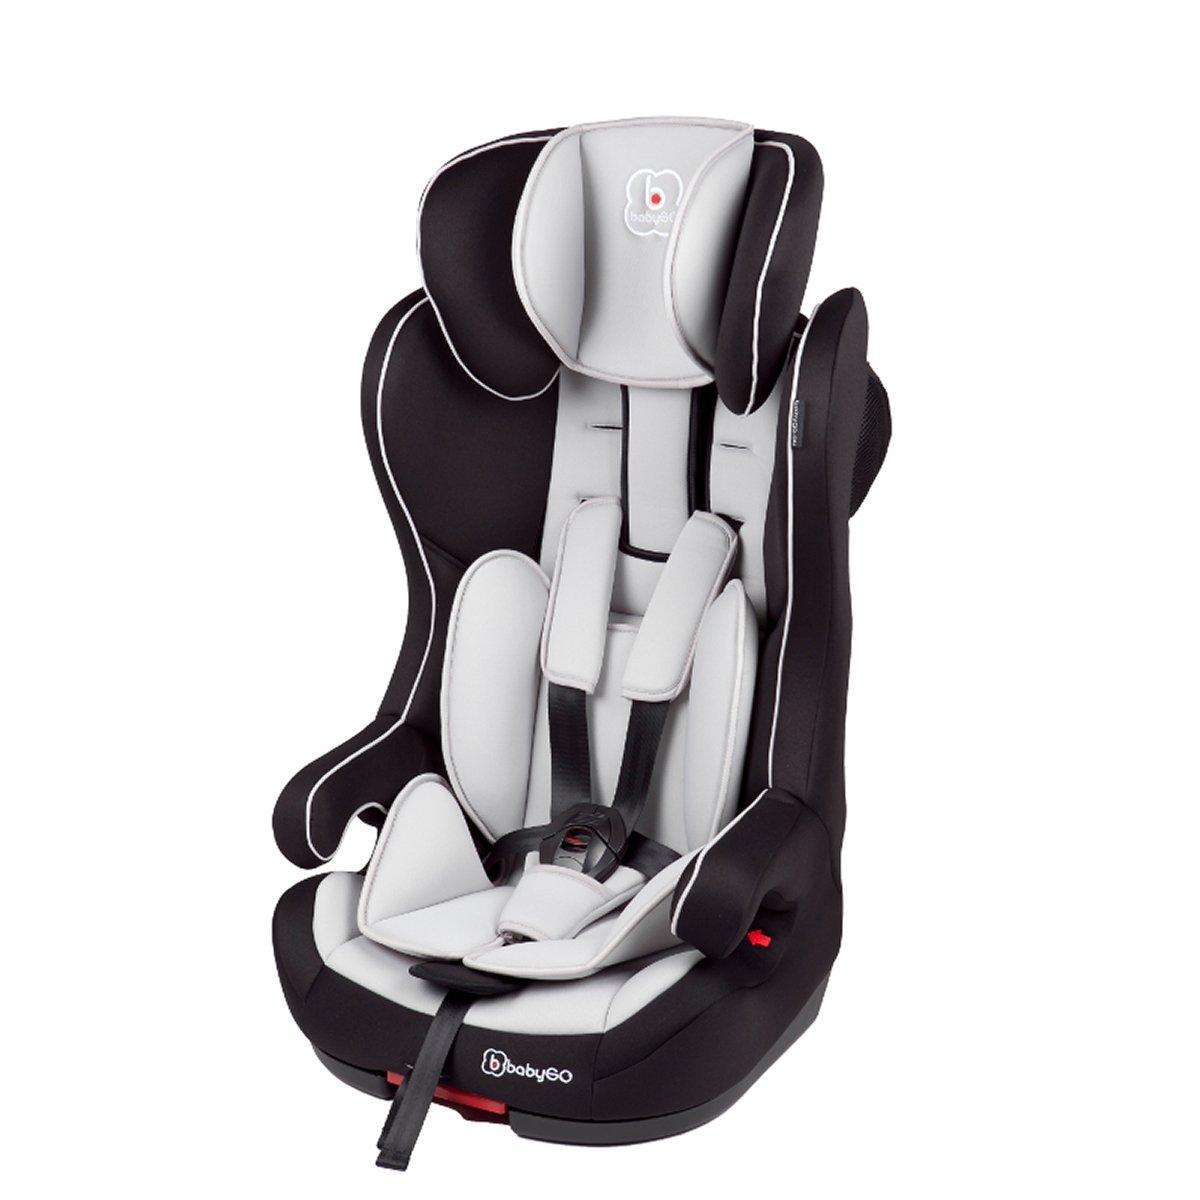 scaun auto copii babygo iso - grey